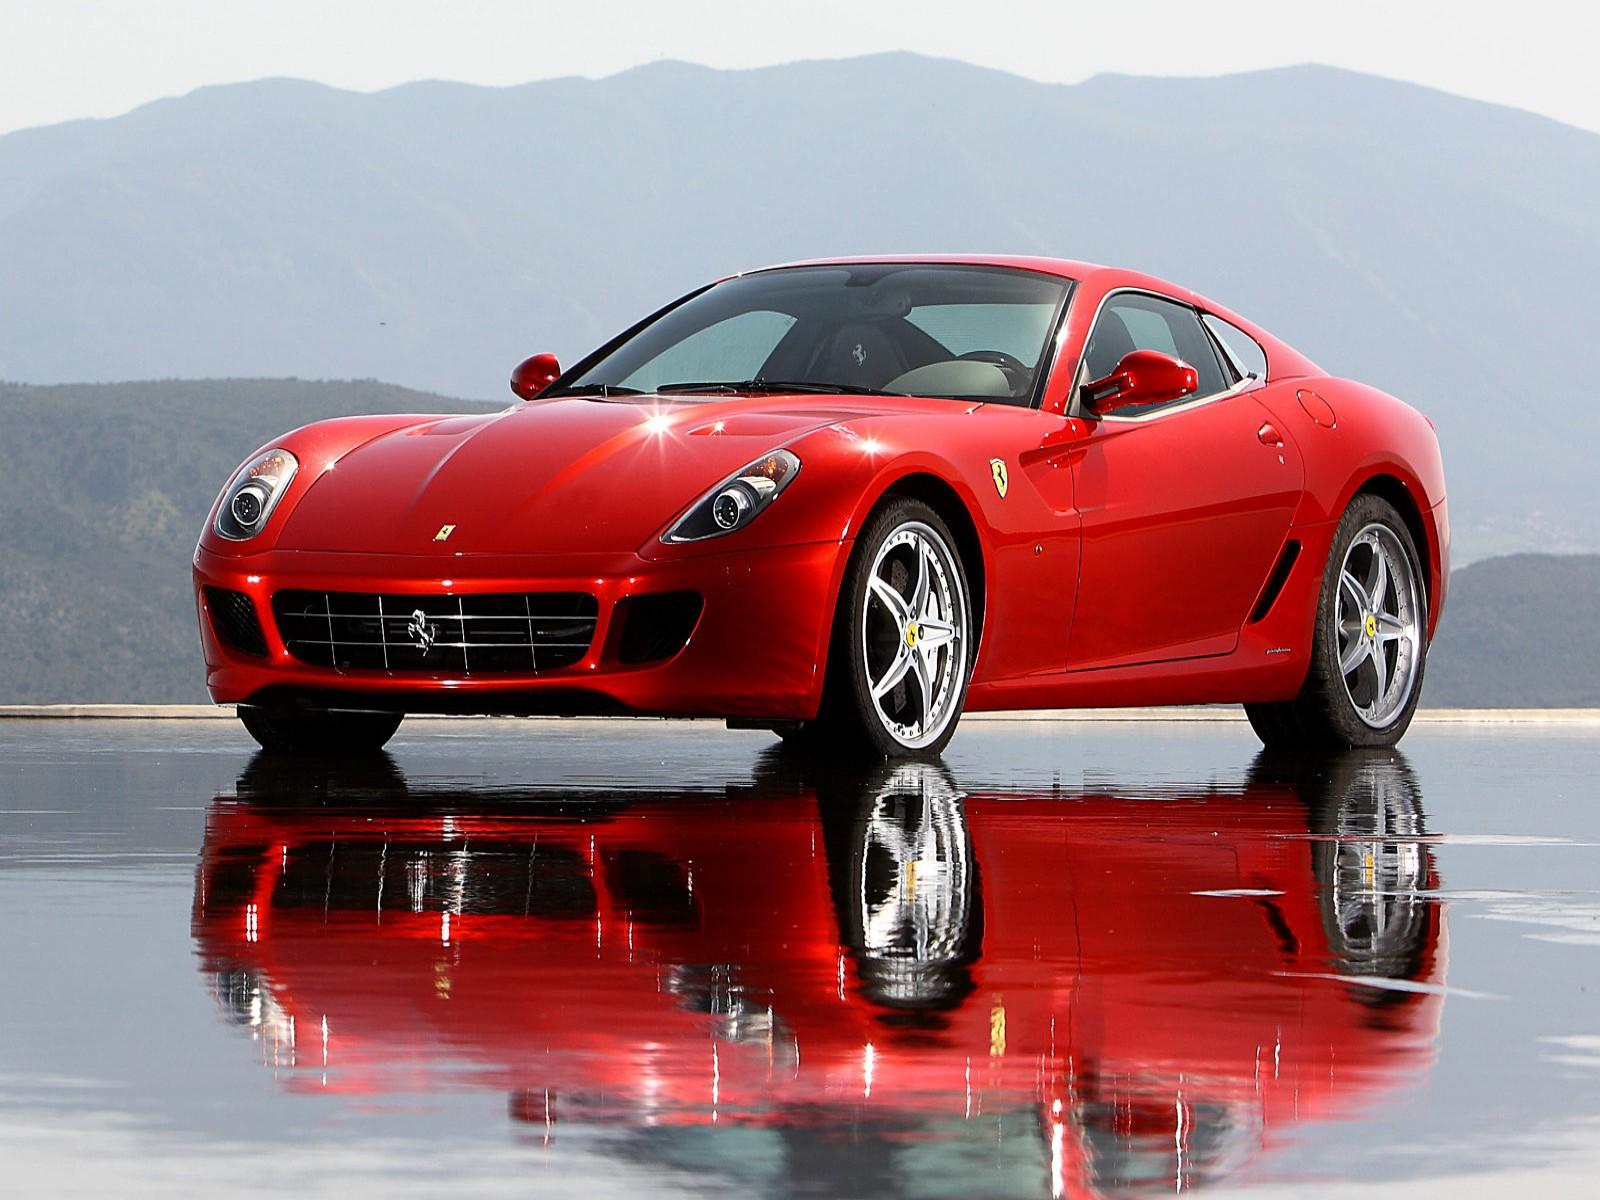 Ferrari 599 related imagesstart 50 weili automotive network ferrari 599 gtb fiorano hgte 2010 vanachro Images